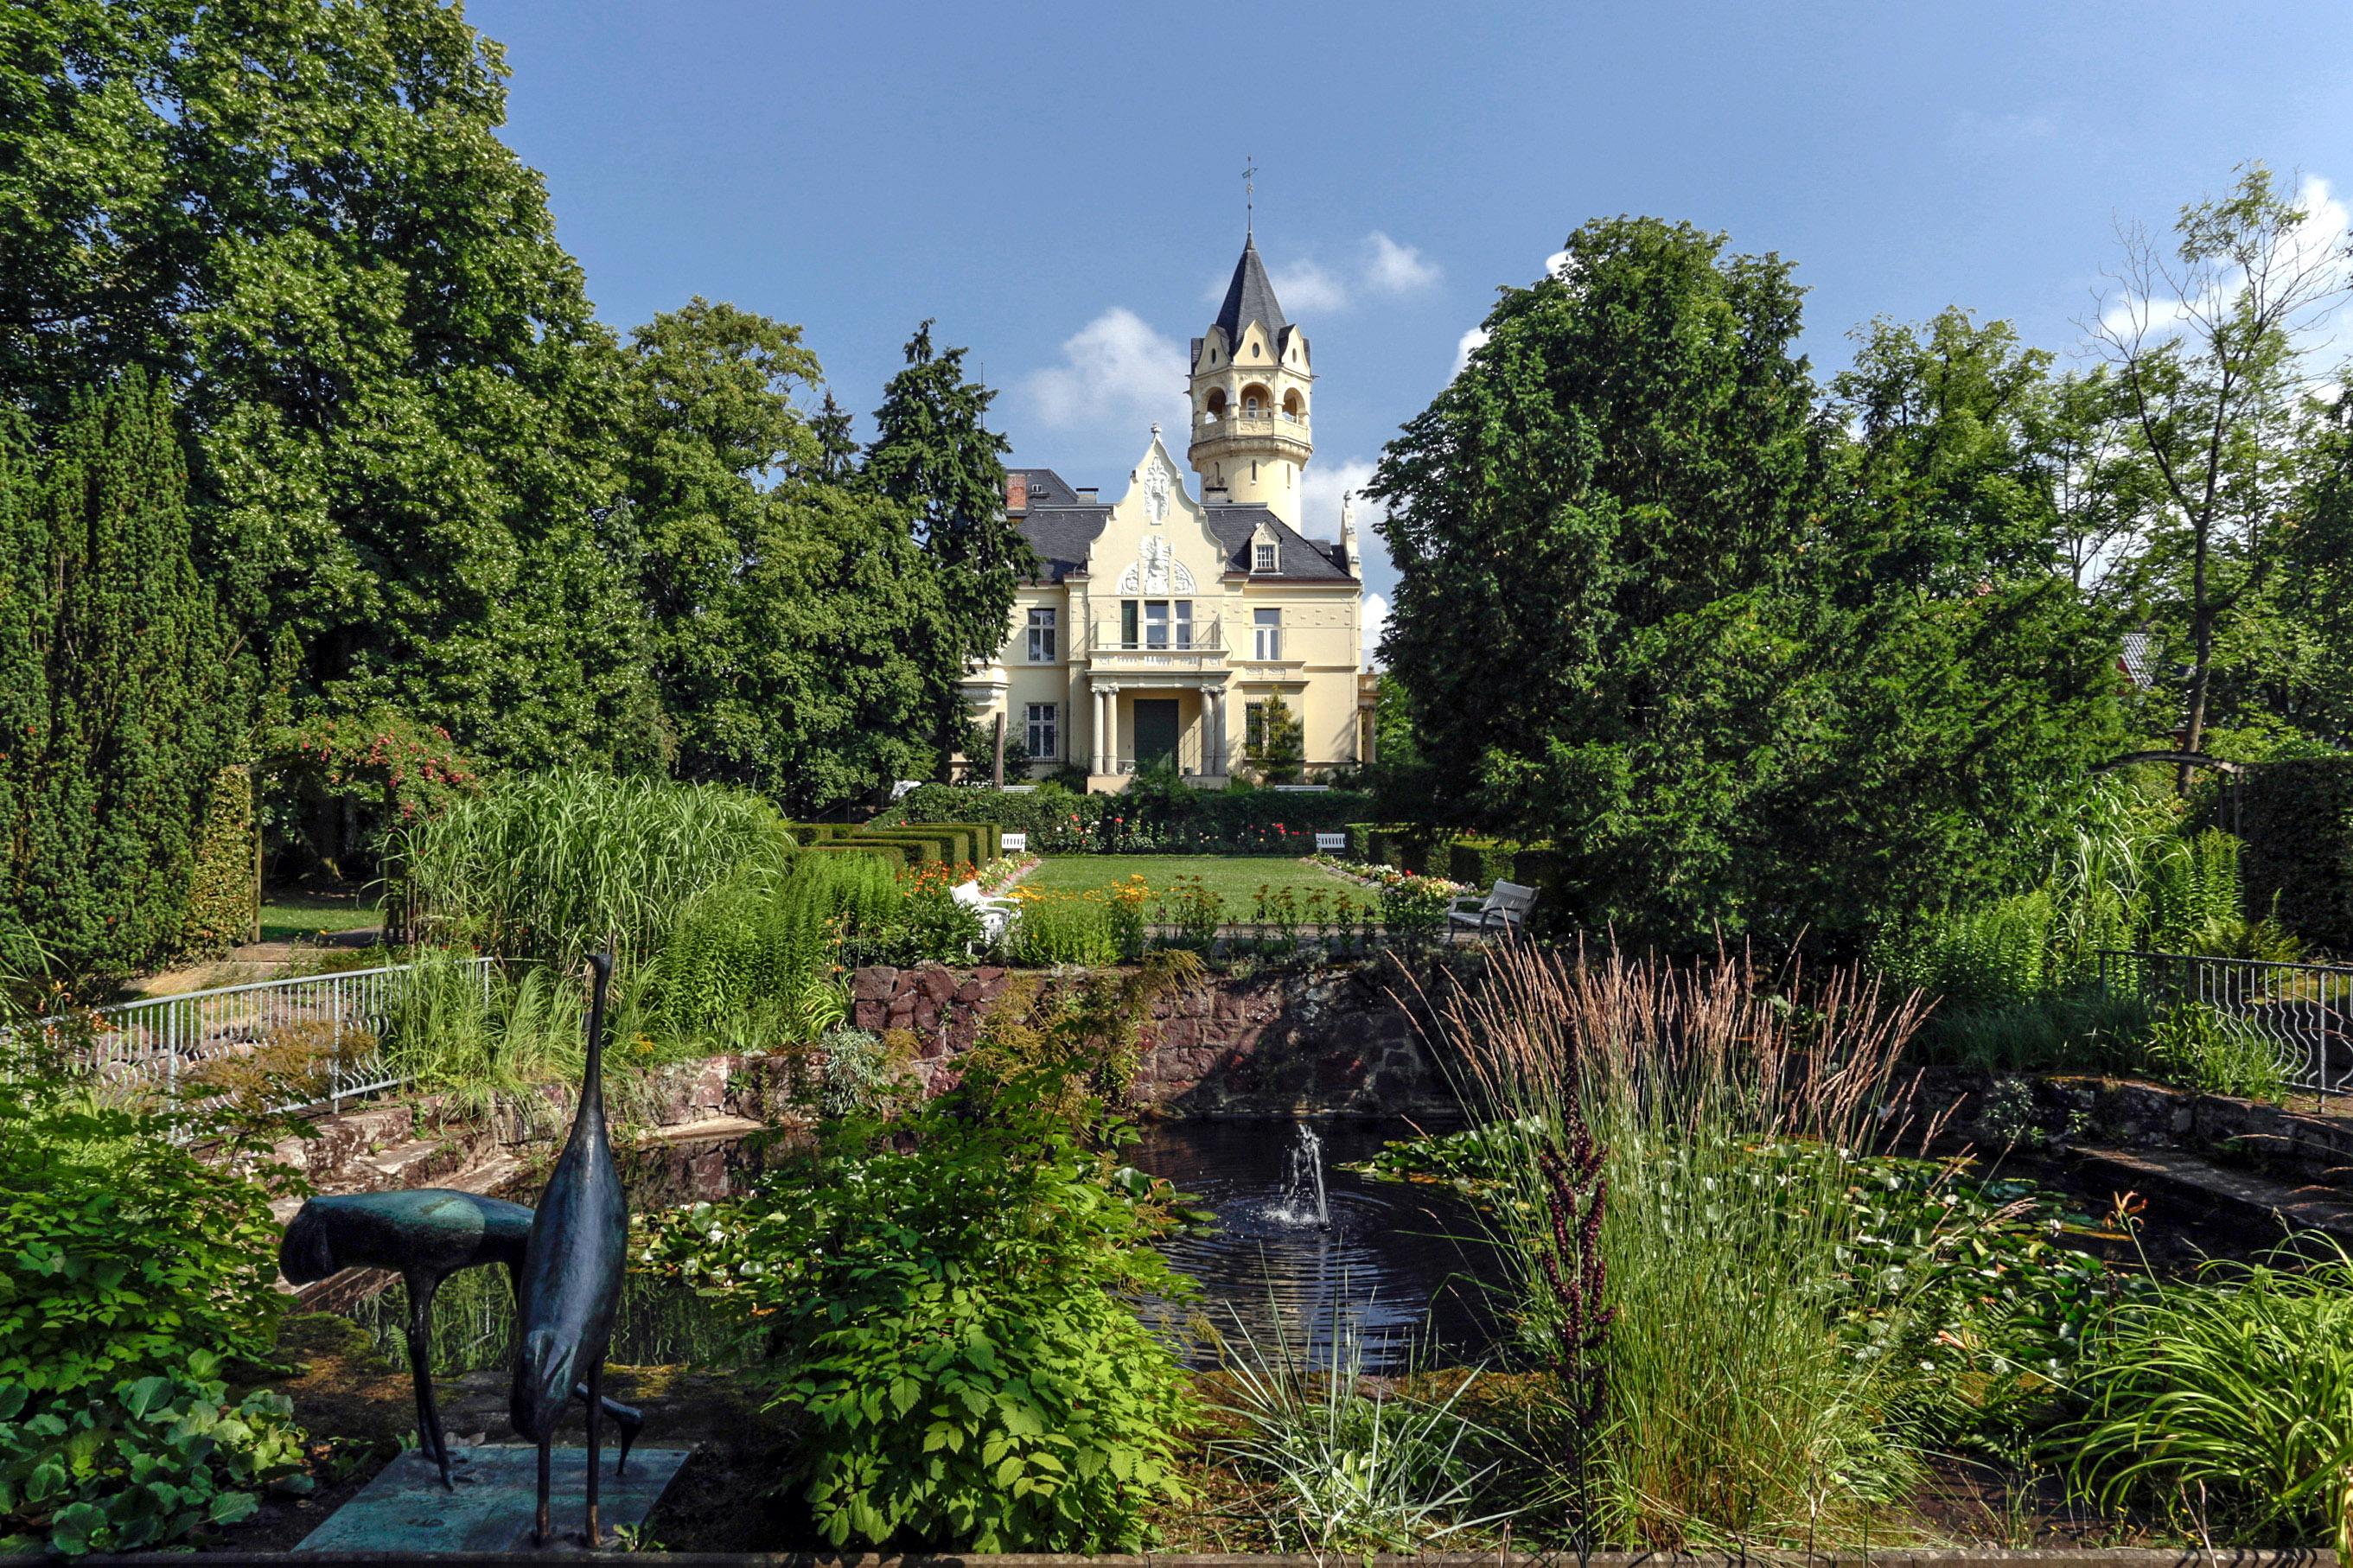 Jugenstil-Villa mit Turm und Balkon in einem Park mit Blumenrabatten und Teich